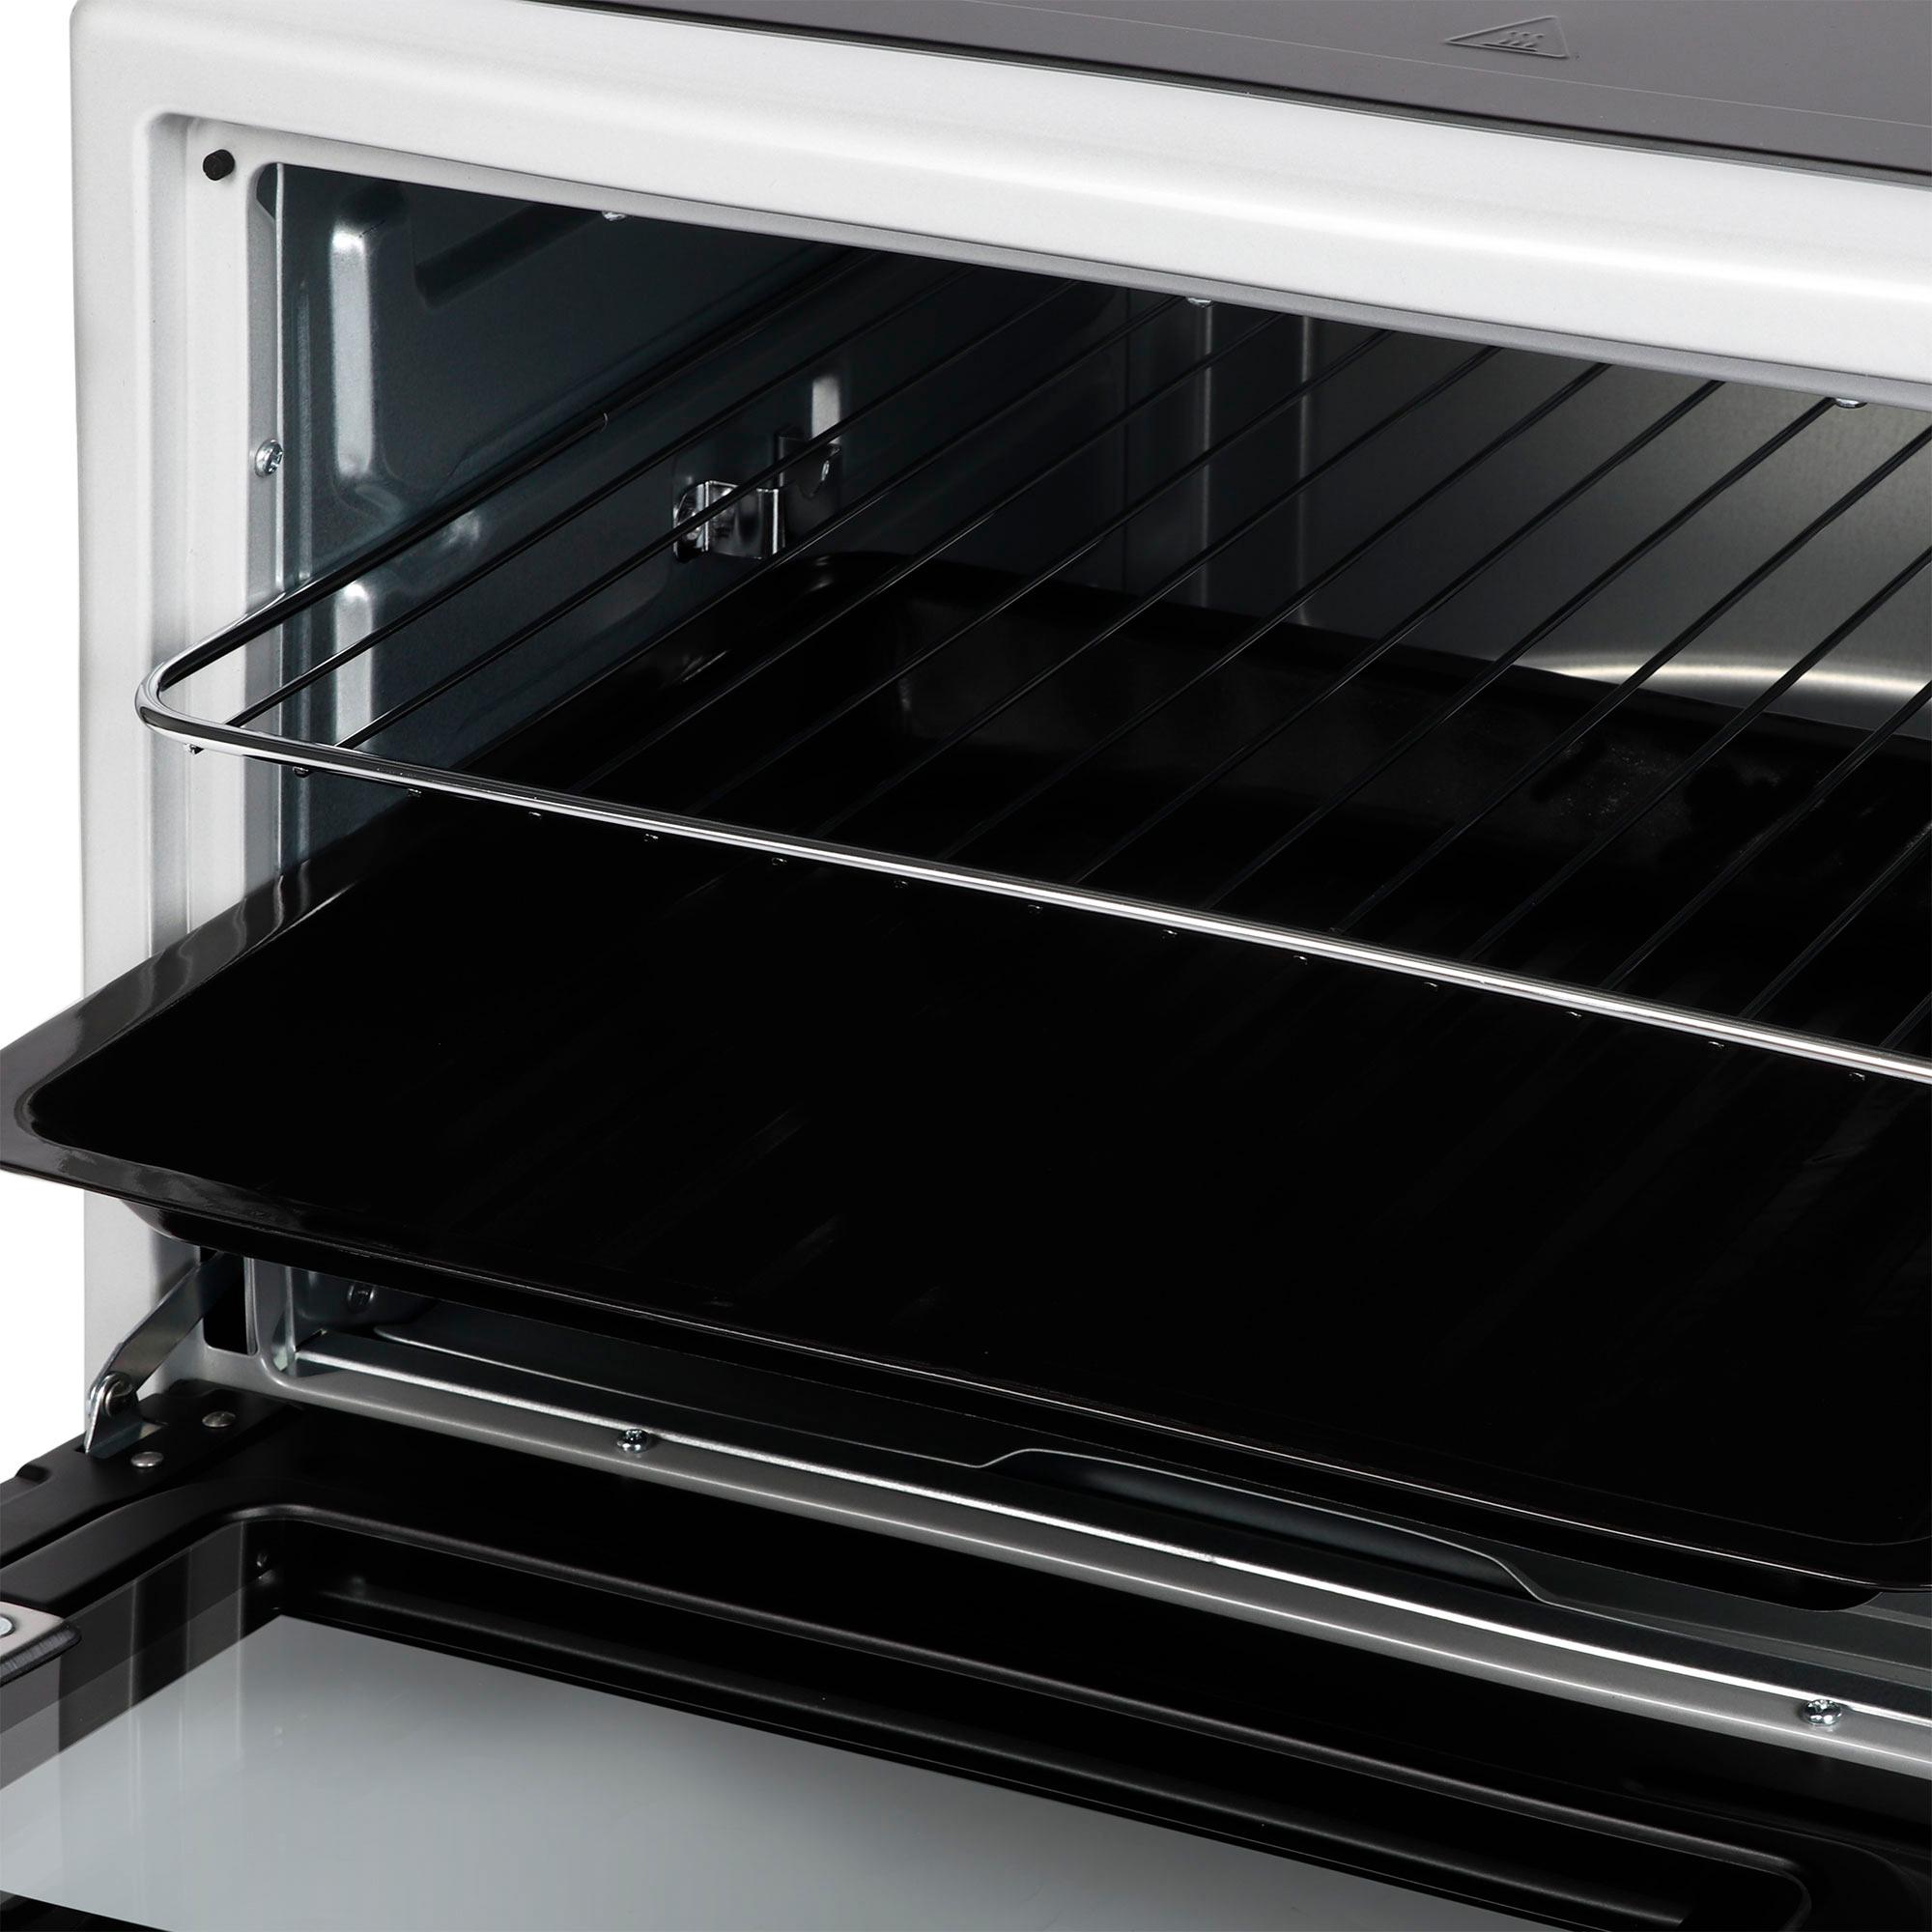 Мини-печь Hyundai MIO-HY056 42л. 2000Вт черный/серебристый